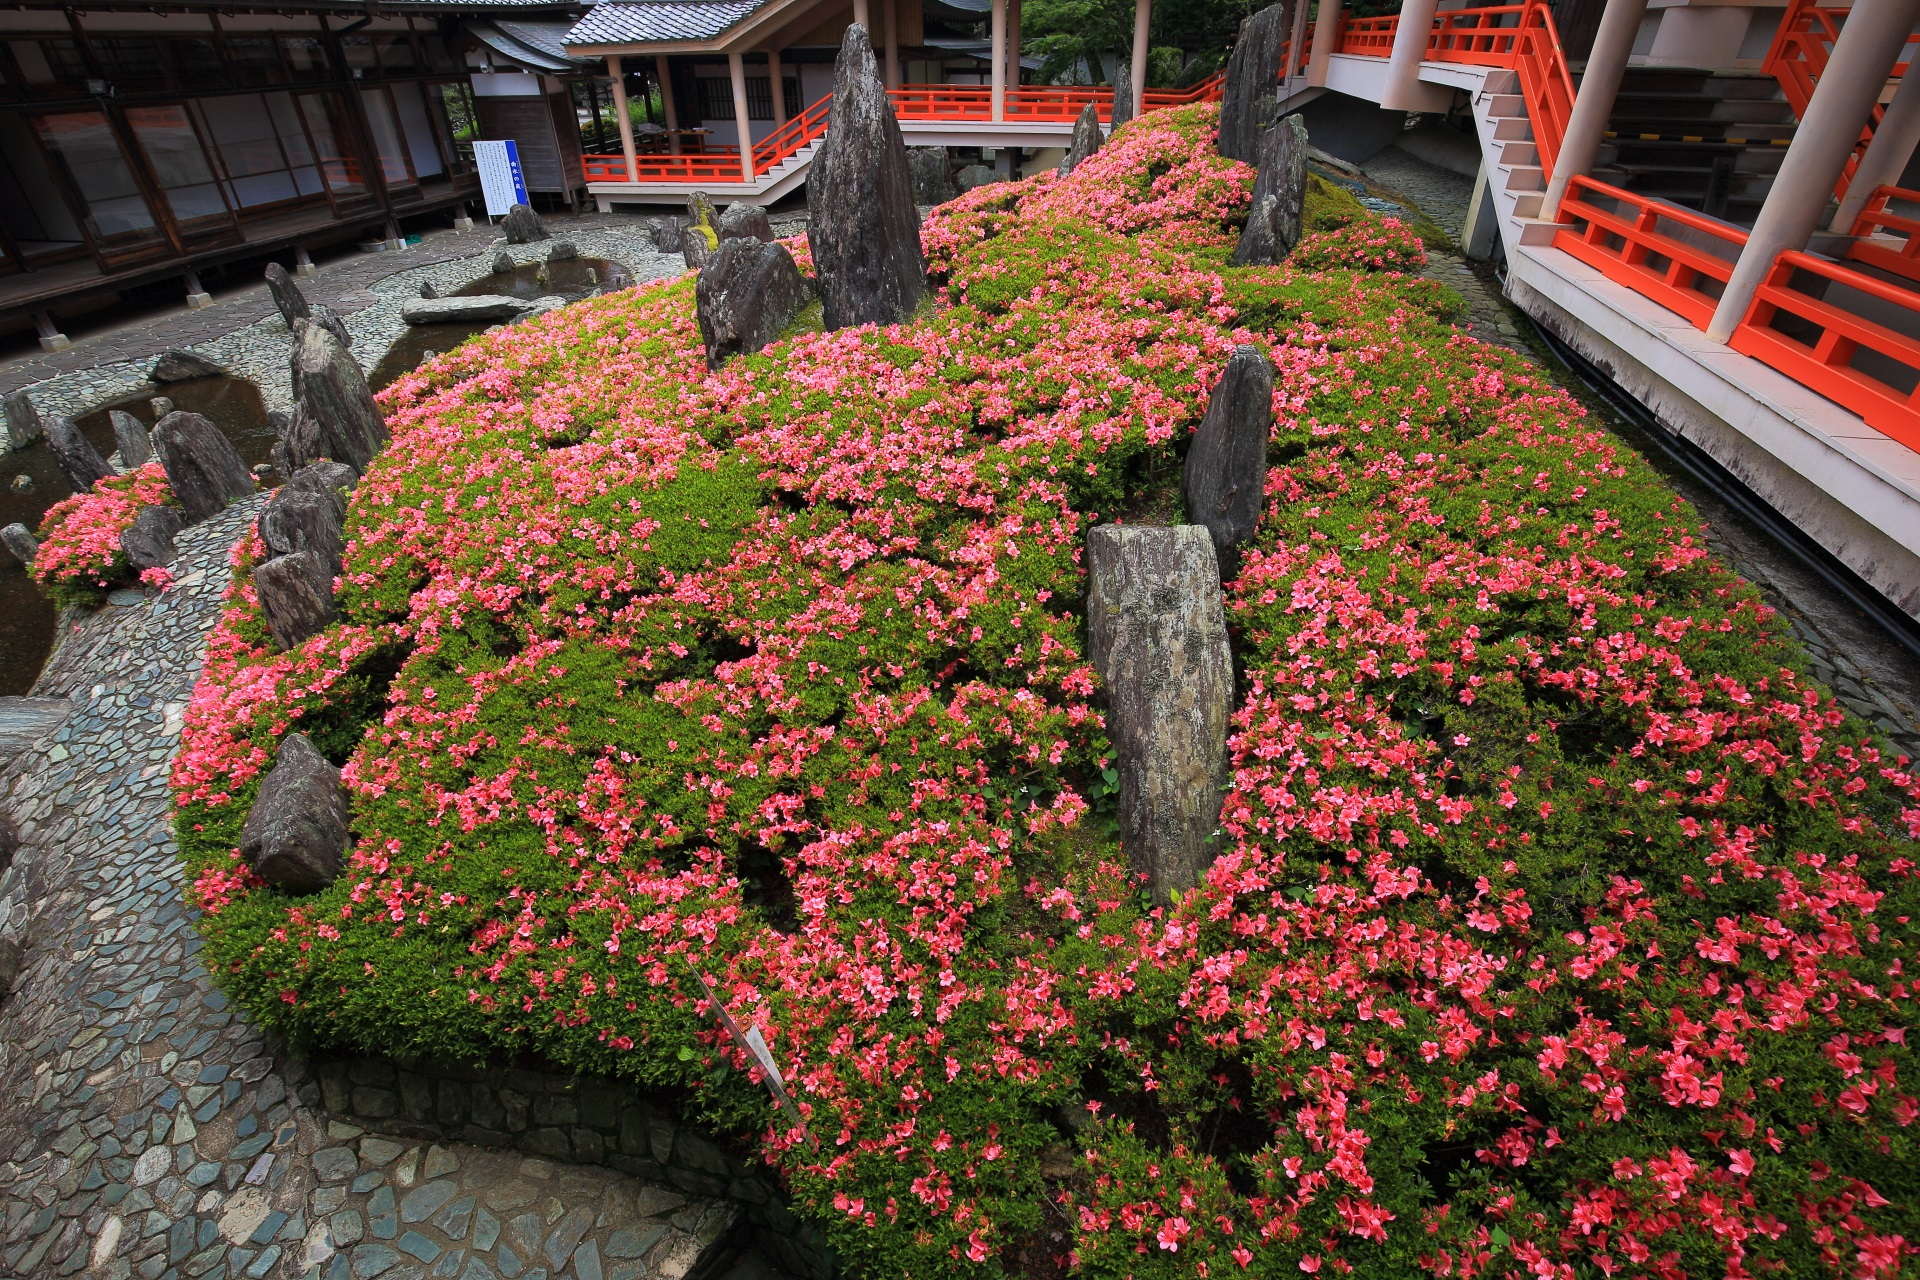 曲水の庭の圧巻のサツキの情景